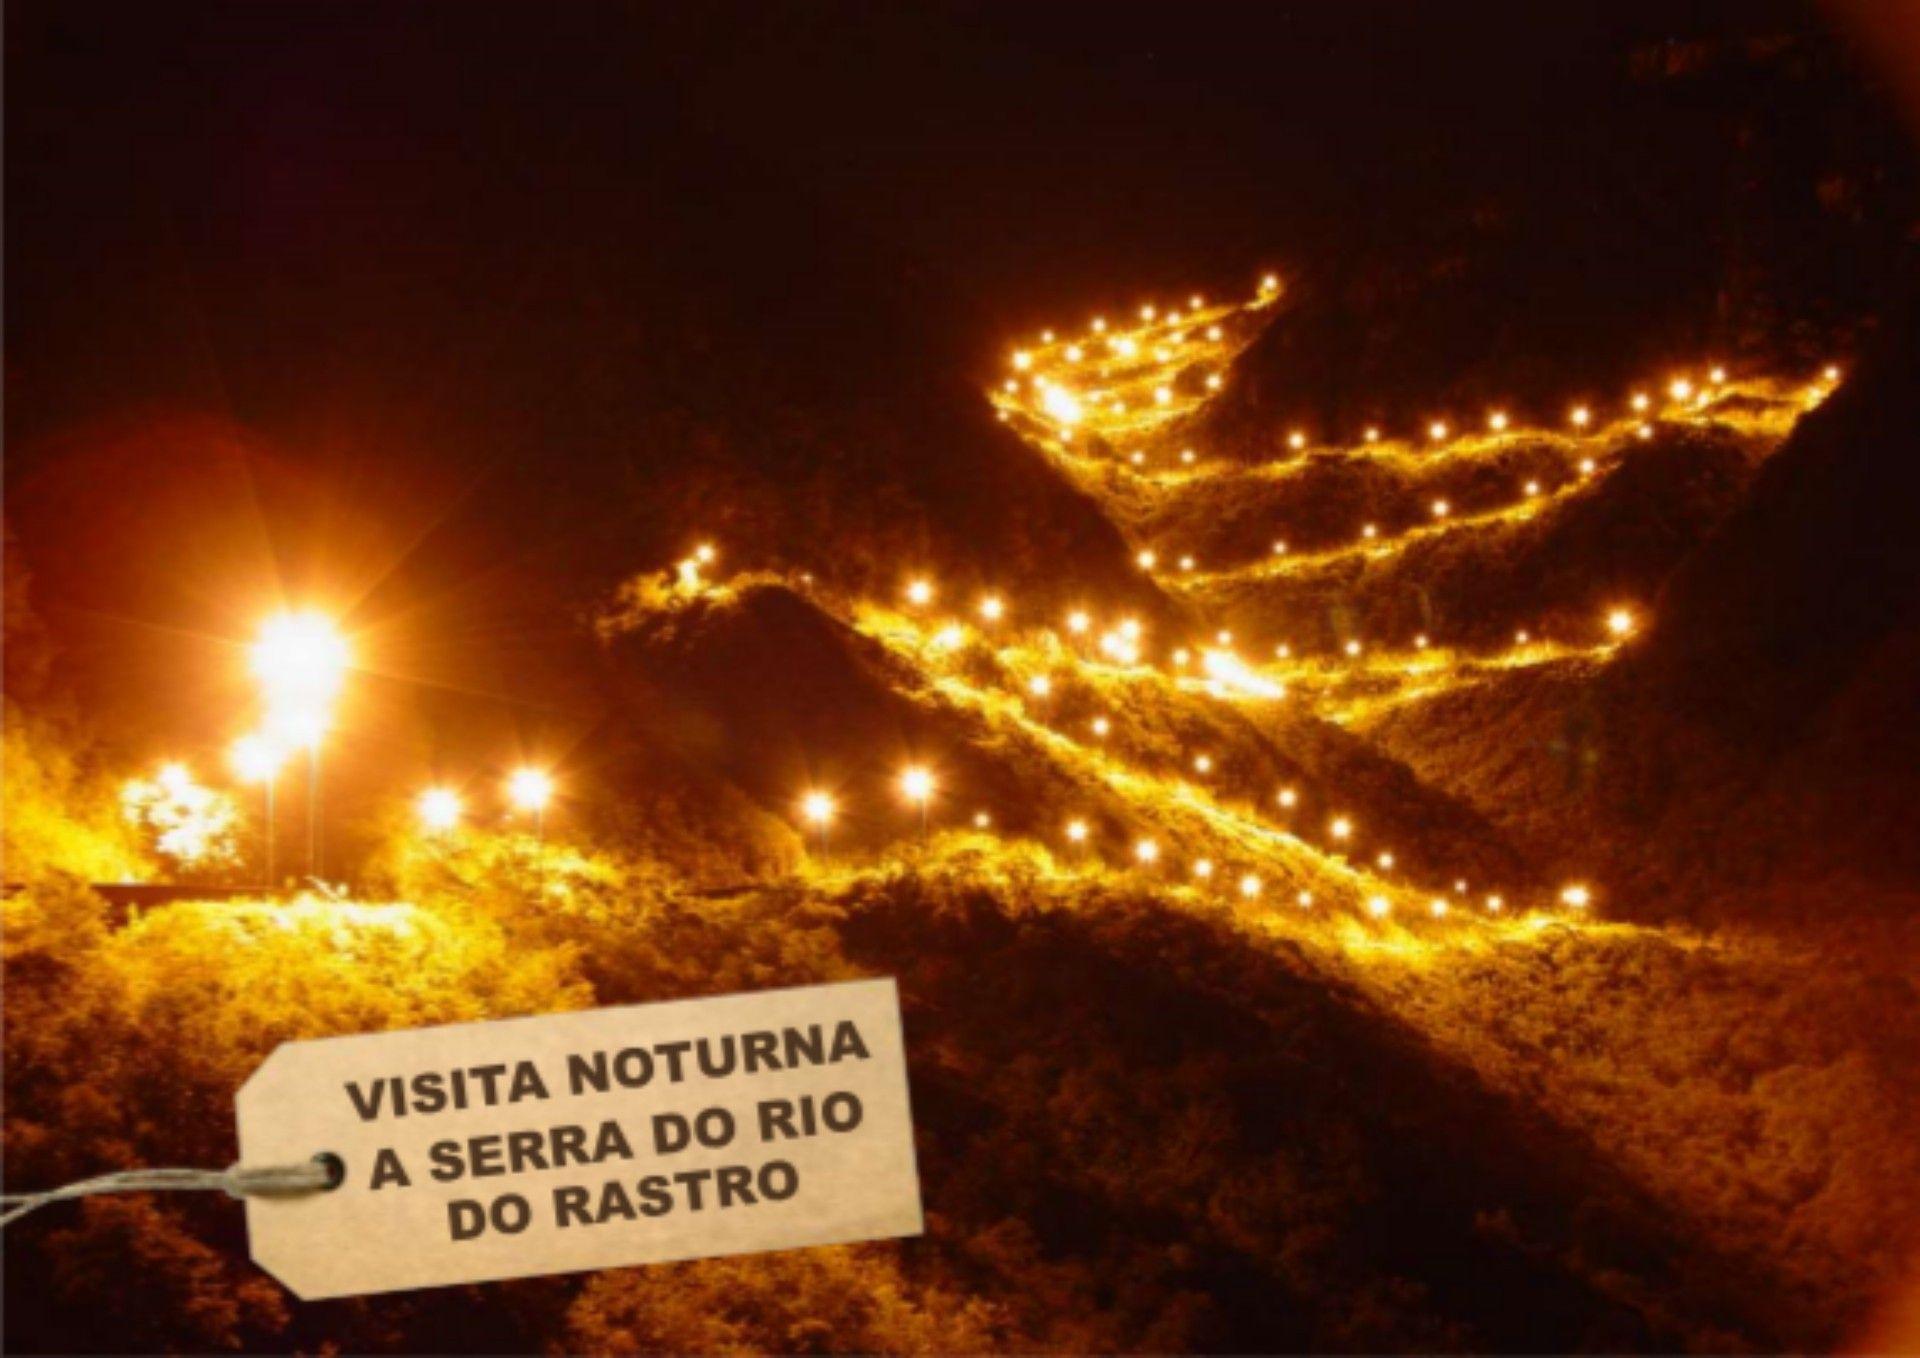 Serra do Rio do Rastro vista durante a noite